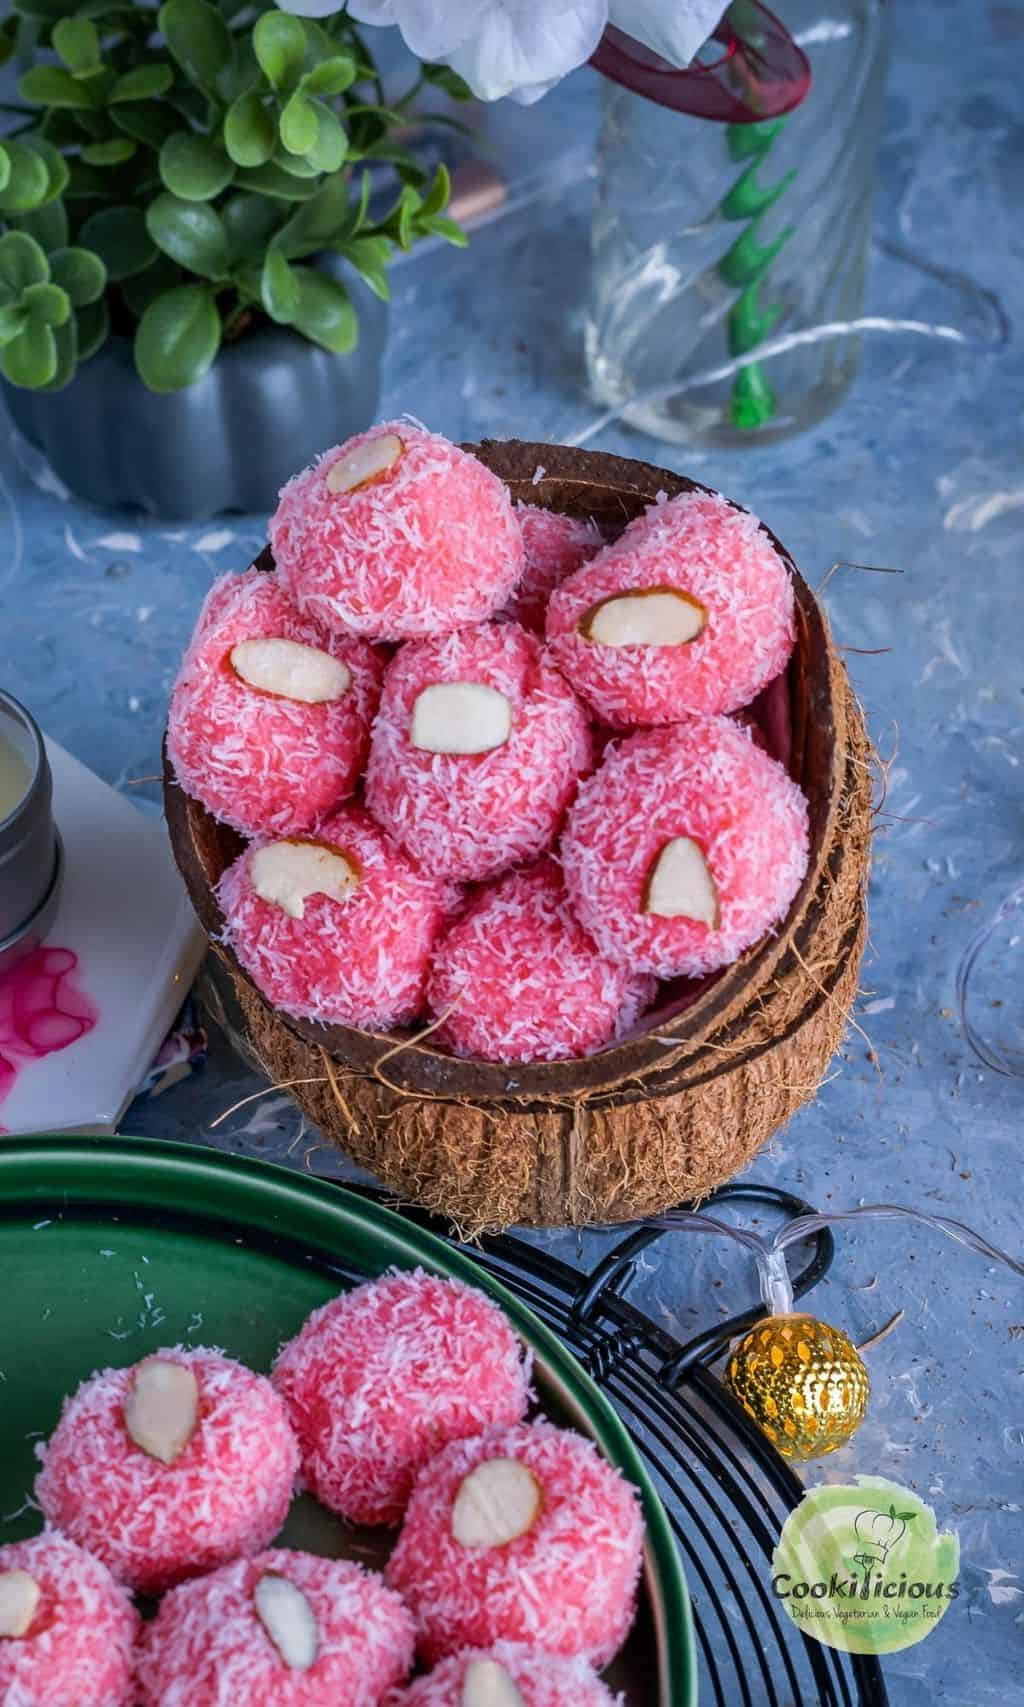 rose coconut ladoos served in coconut shells